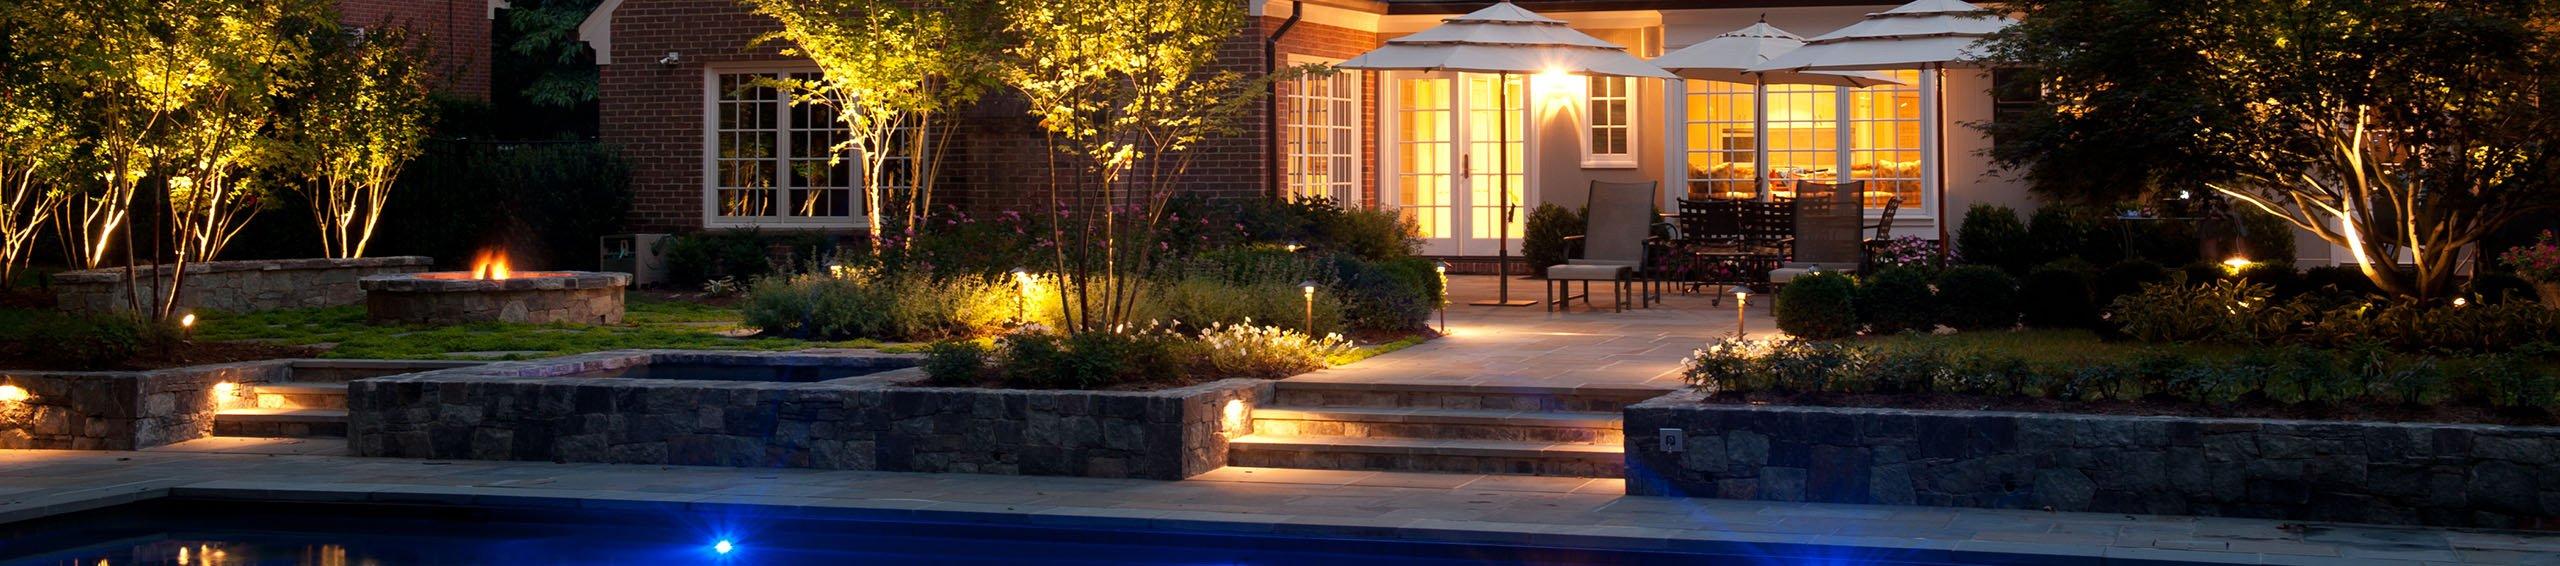 outdoor-lighting-design-installer